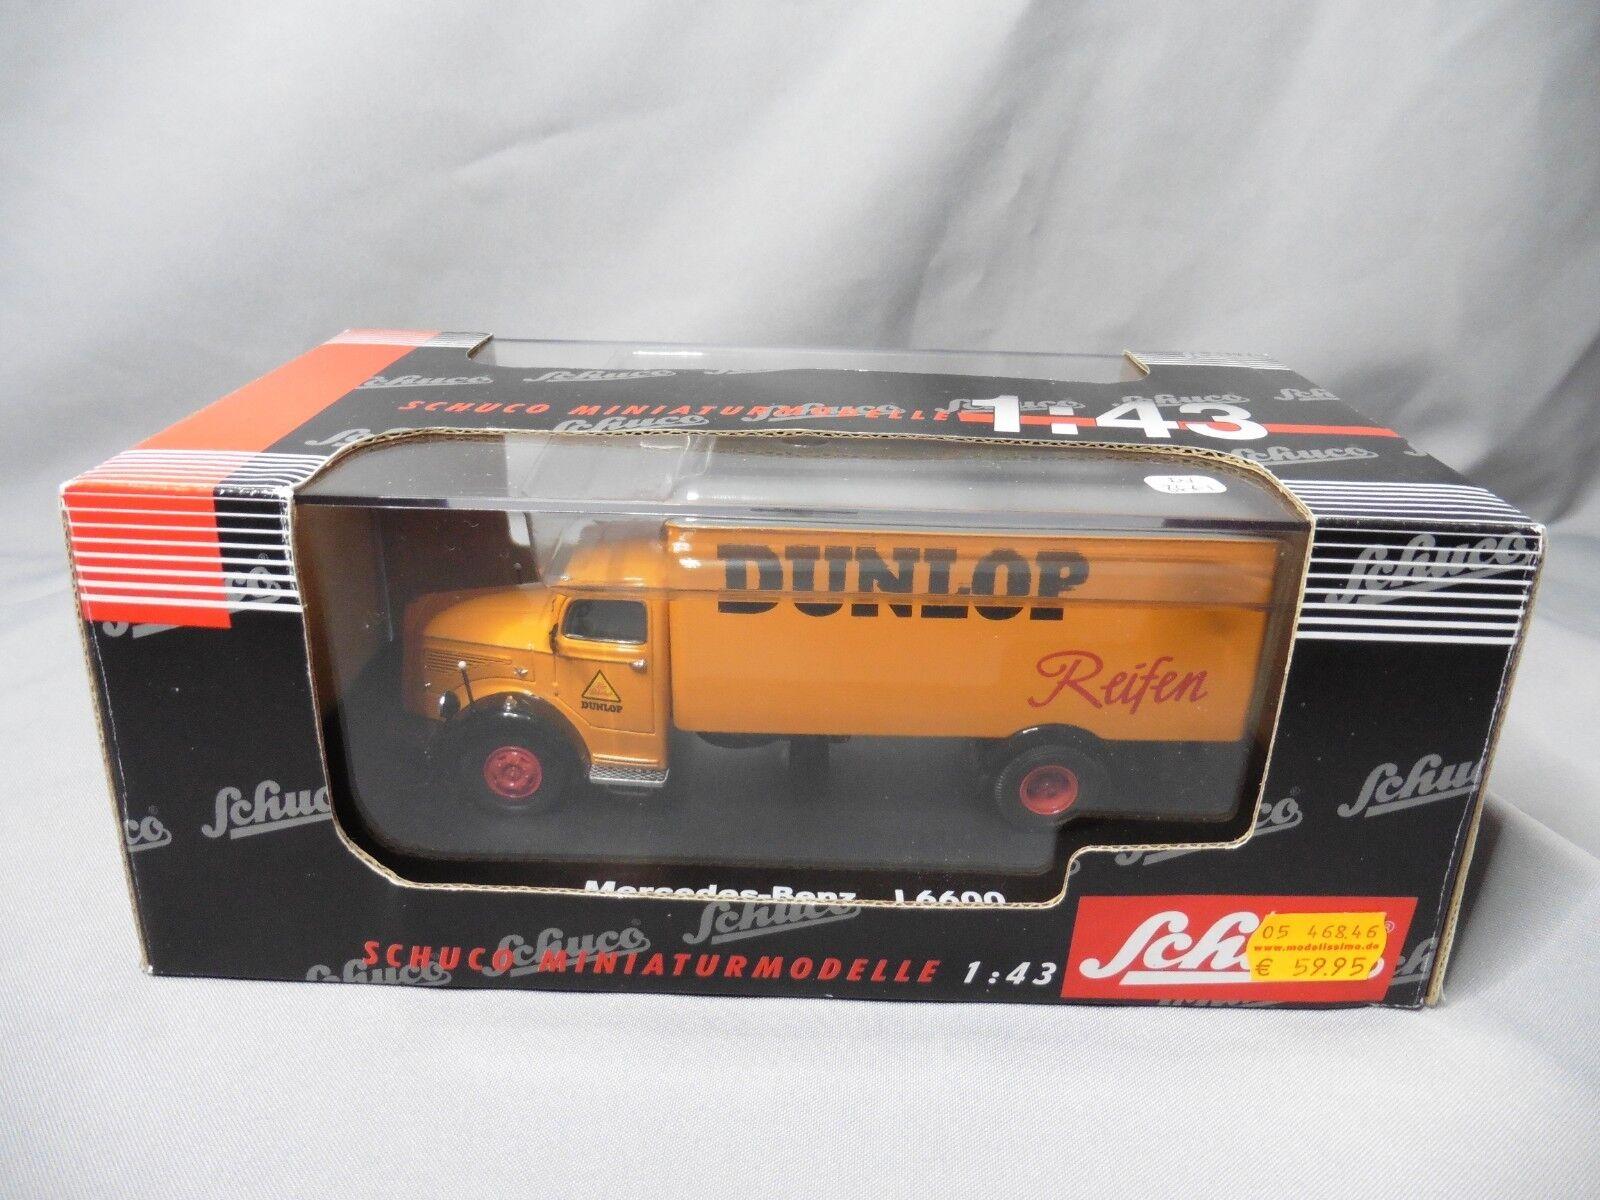 DV8661 SCHUCO MERCEDES-BENZ L6600  FOURGON DUNLOP REF 03021